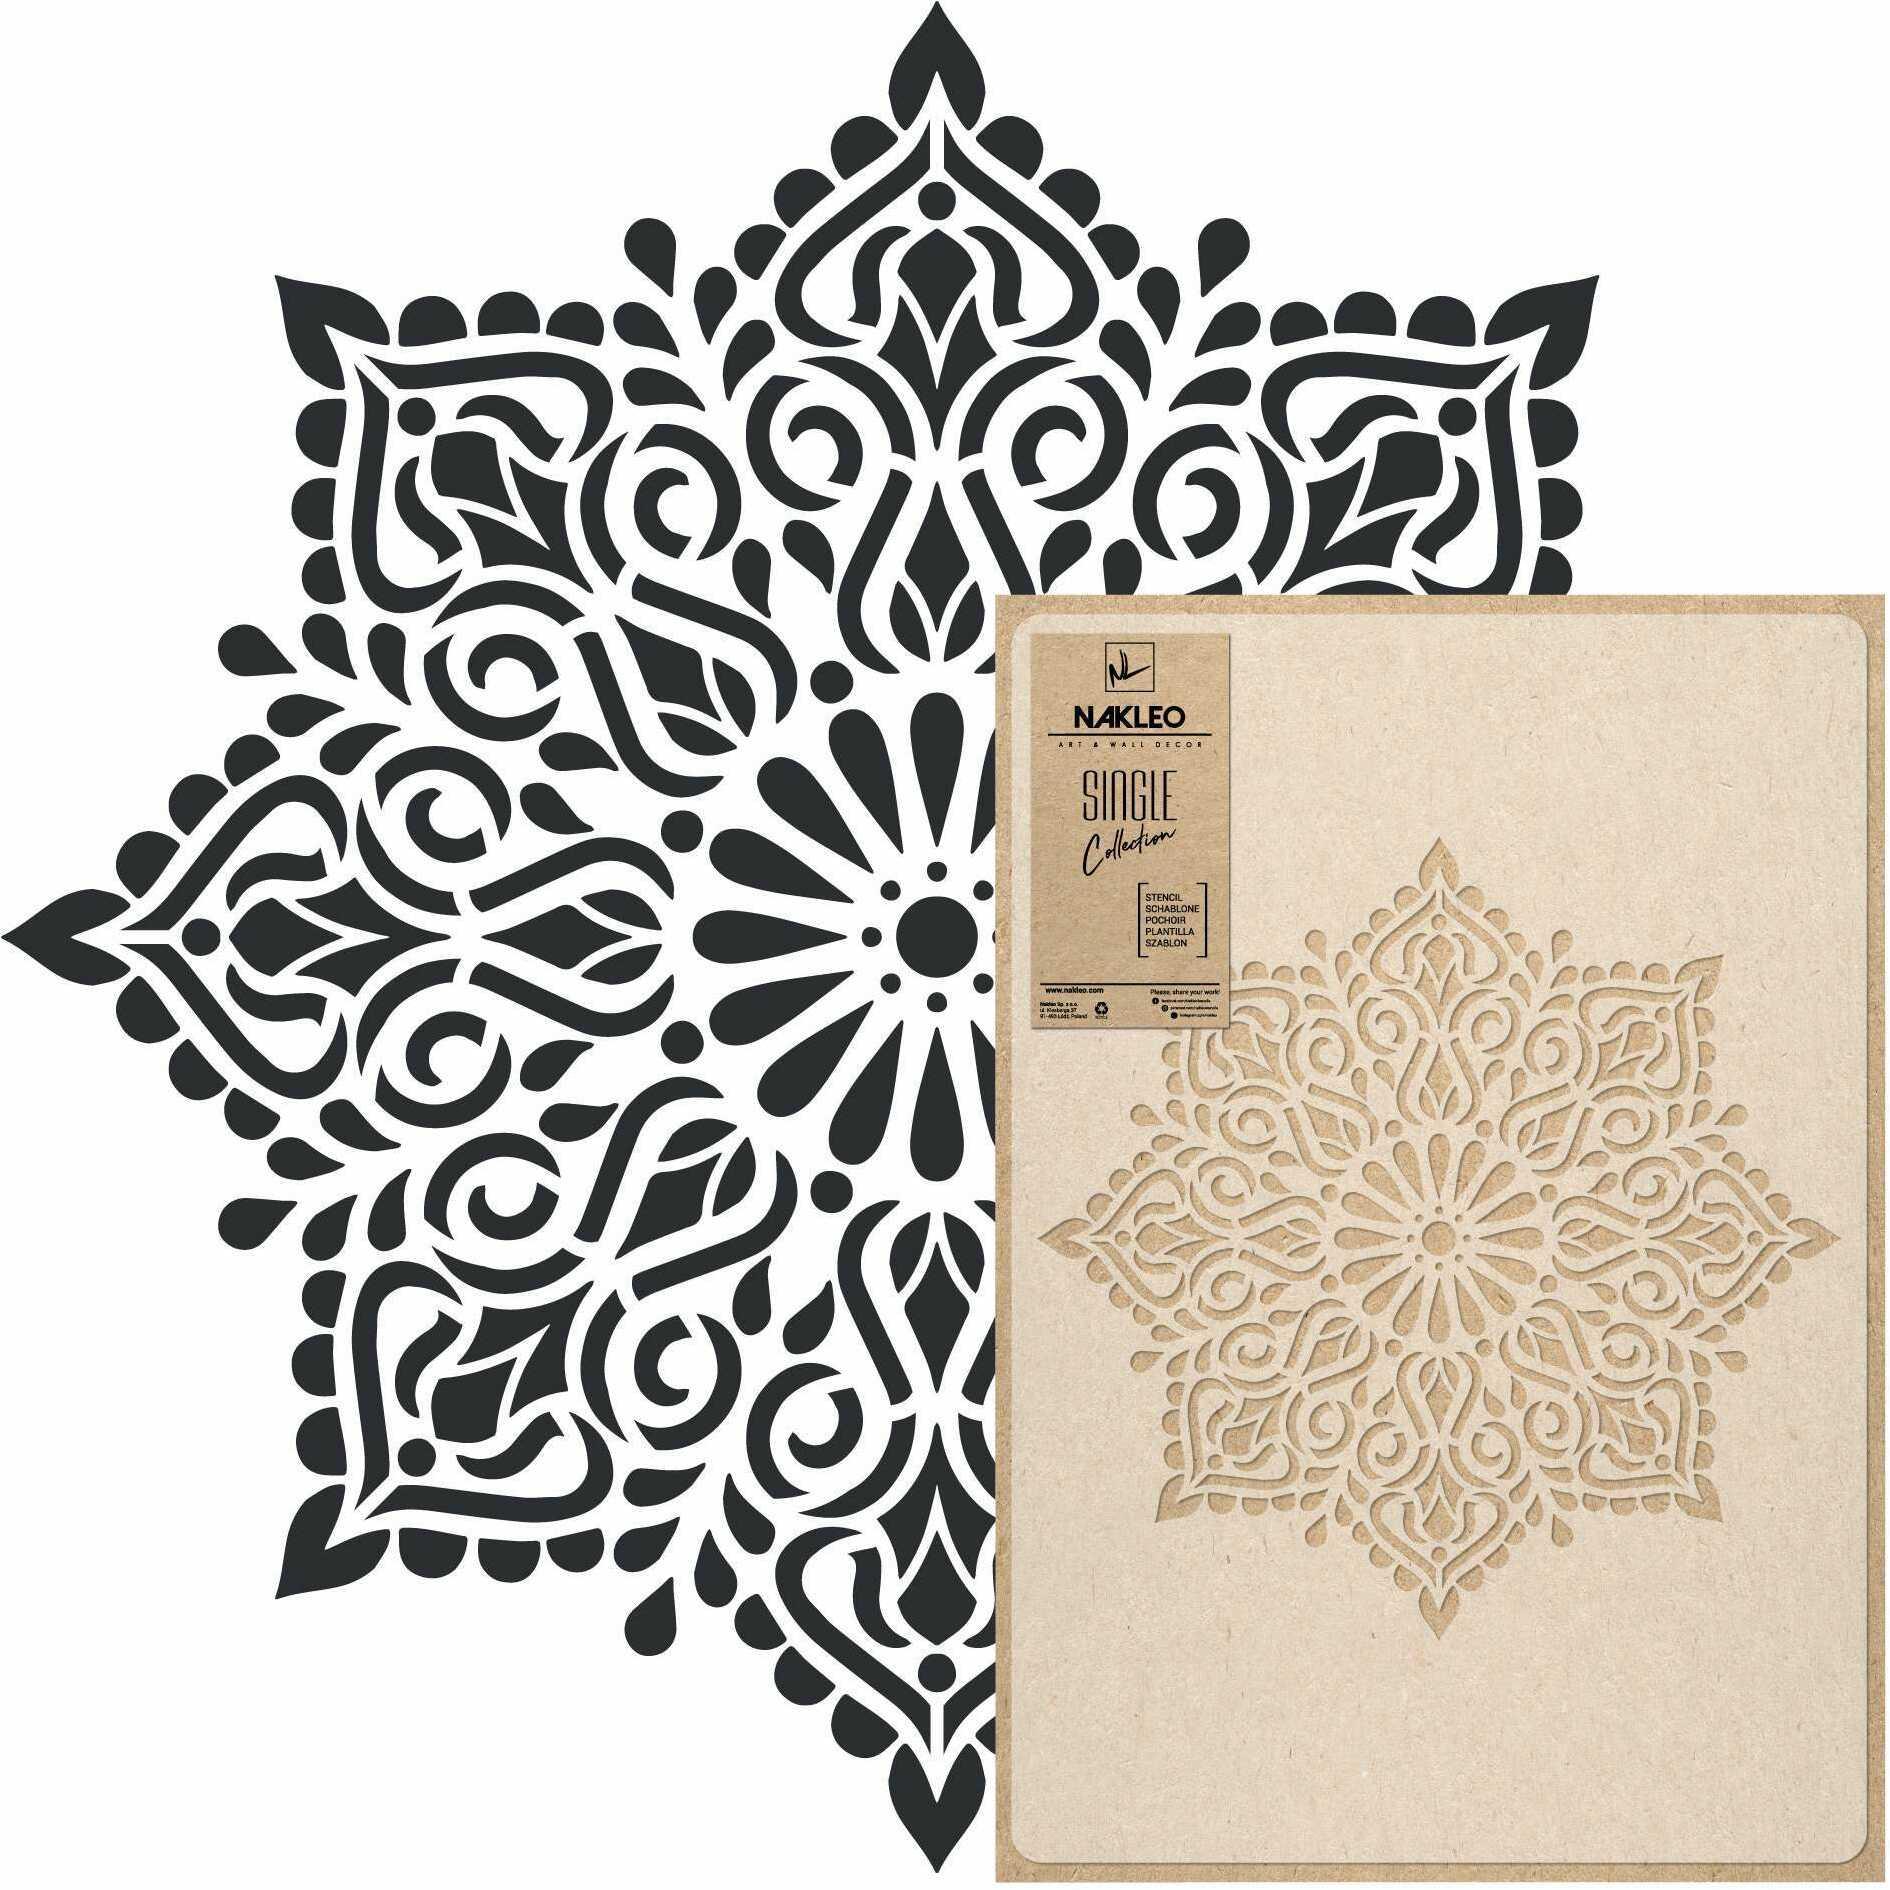 szablon malarski wielokrotny // KWADRATOWA MANDALA - LARGE (65x95cm)